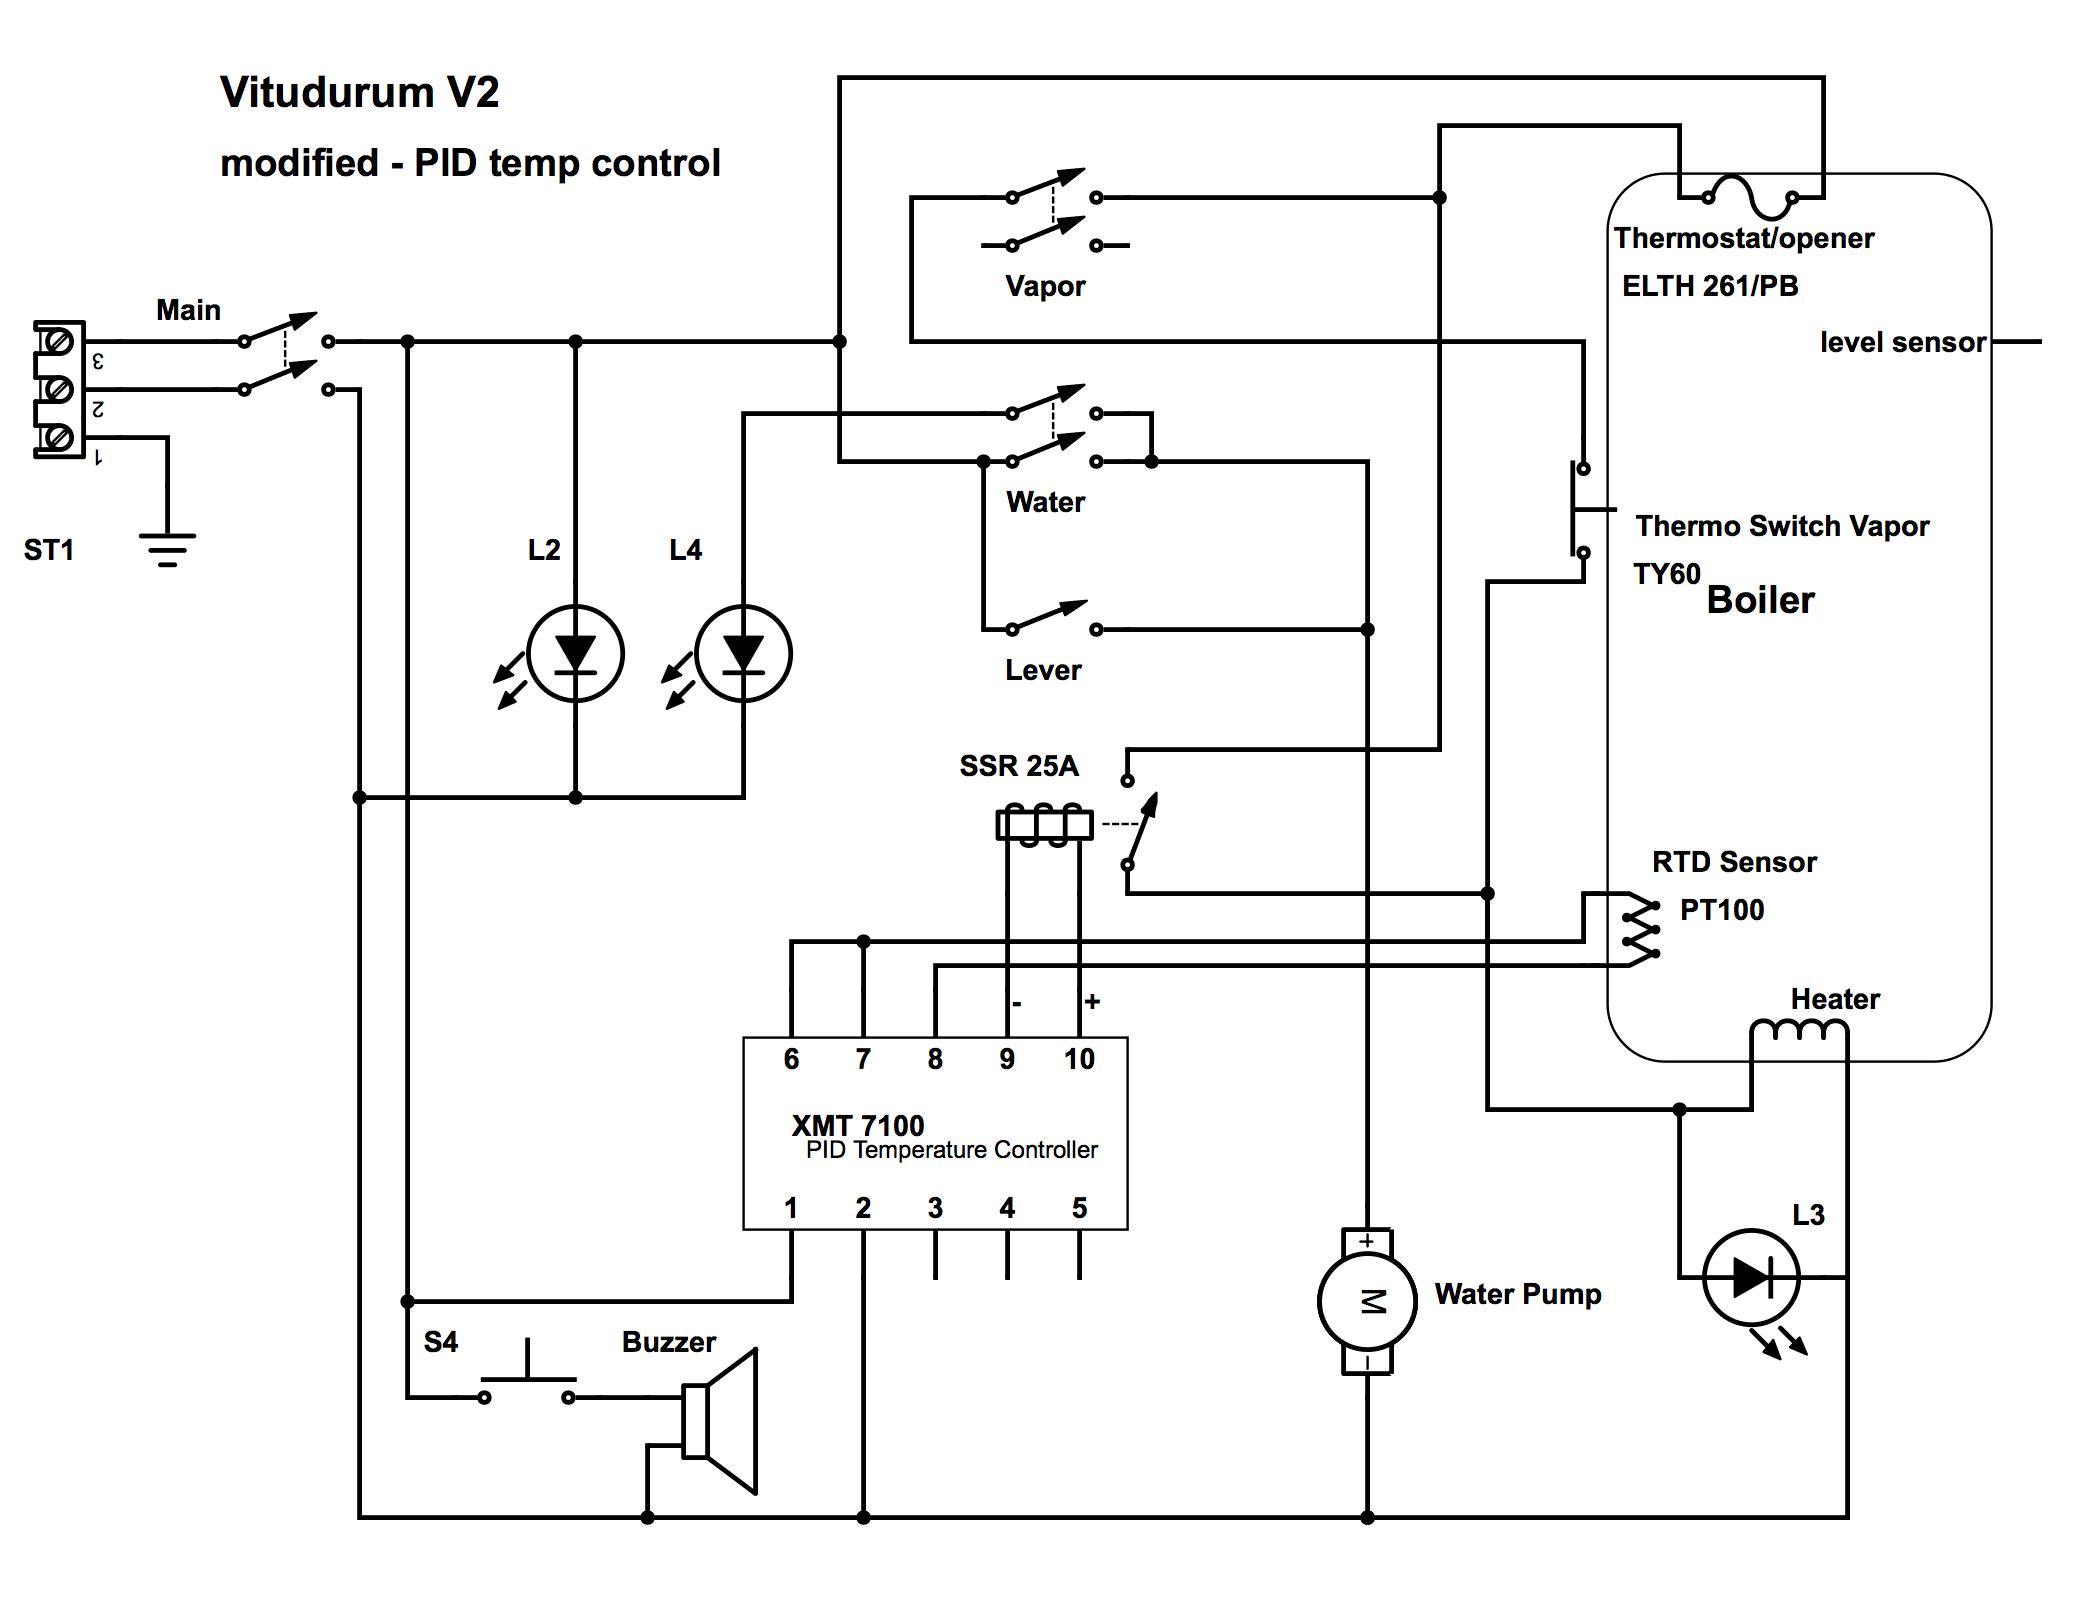 Rolfb Passionsfrchte Auber Pid Wiring Diagram Vitudurum Schematic